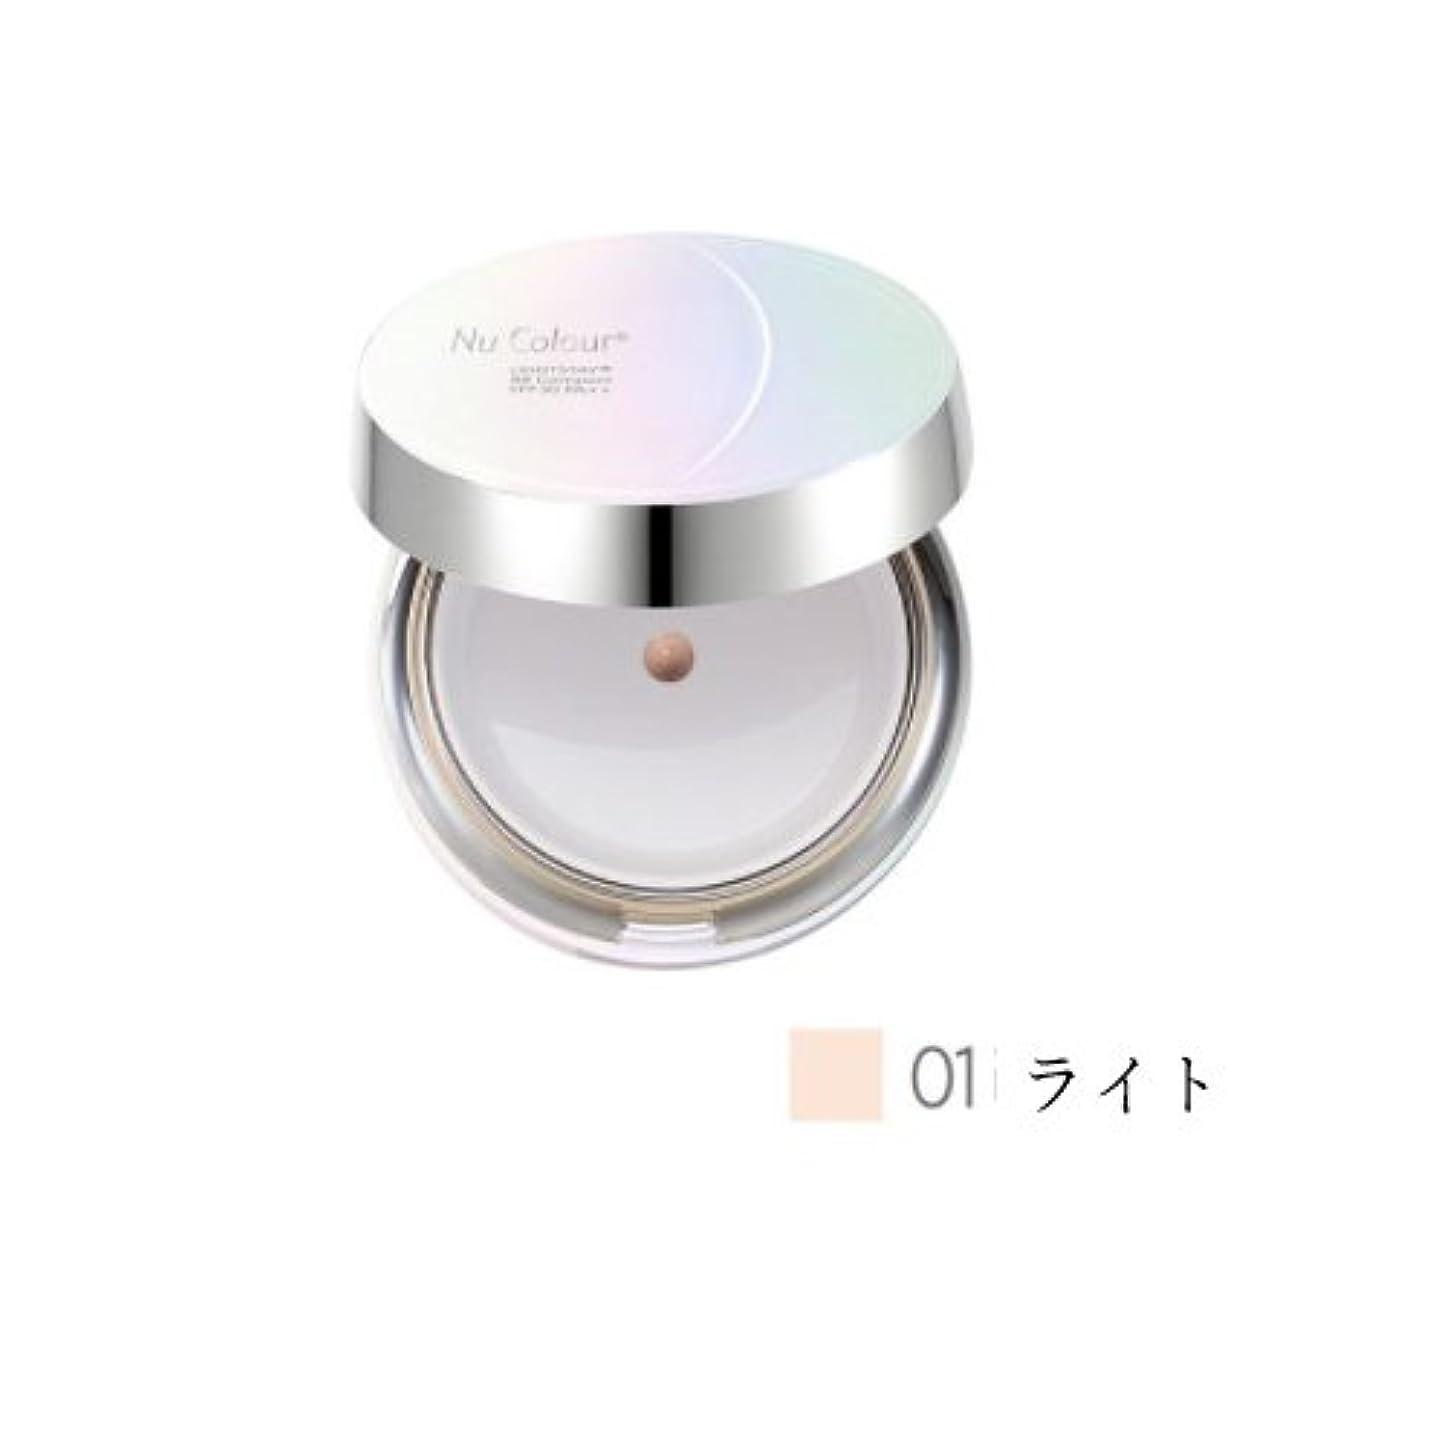 オーバーラン最大限三ニュースキン ライトステイビビコンパクトSPF30 PA++01ライト BB Compact 01 Light [並行輸入品]